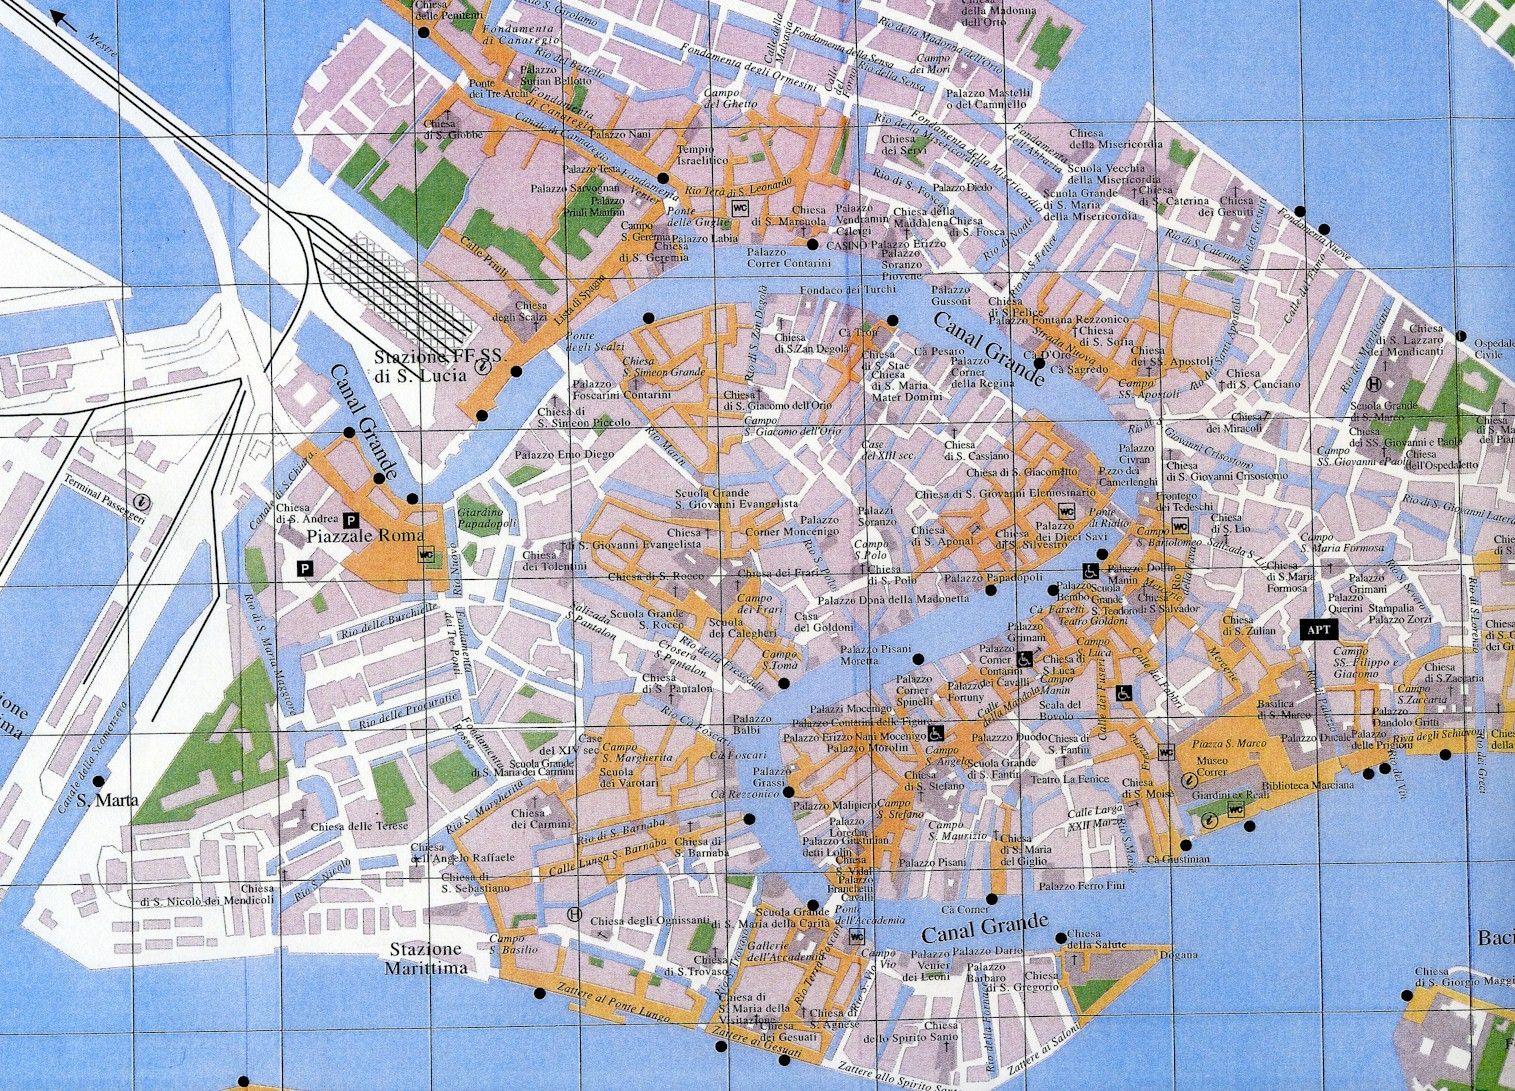 Venice Italy Tourist Map Venice Italy mappery Venice Padova